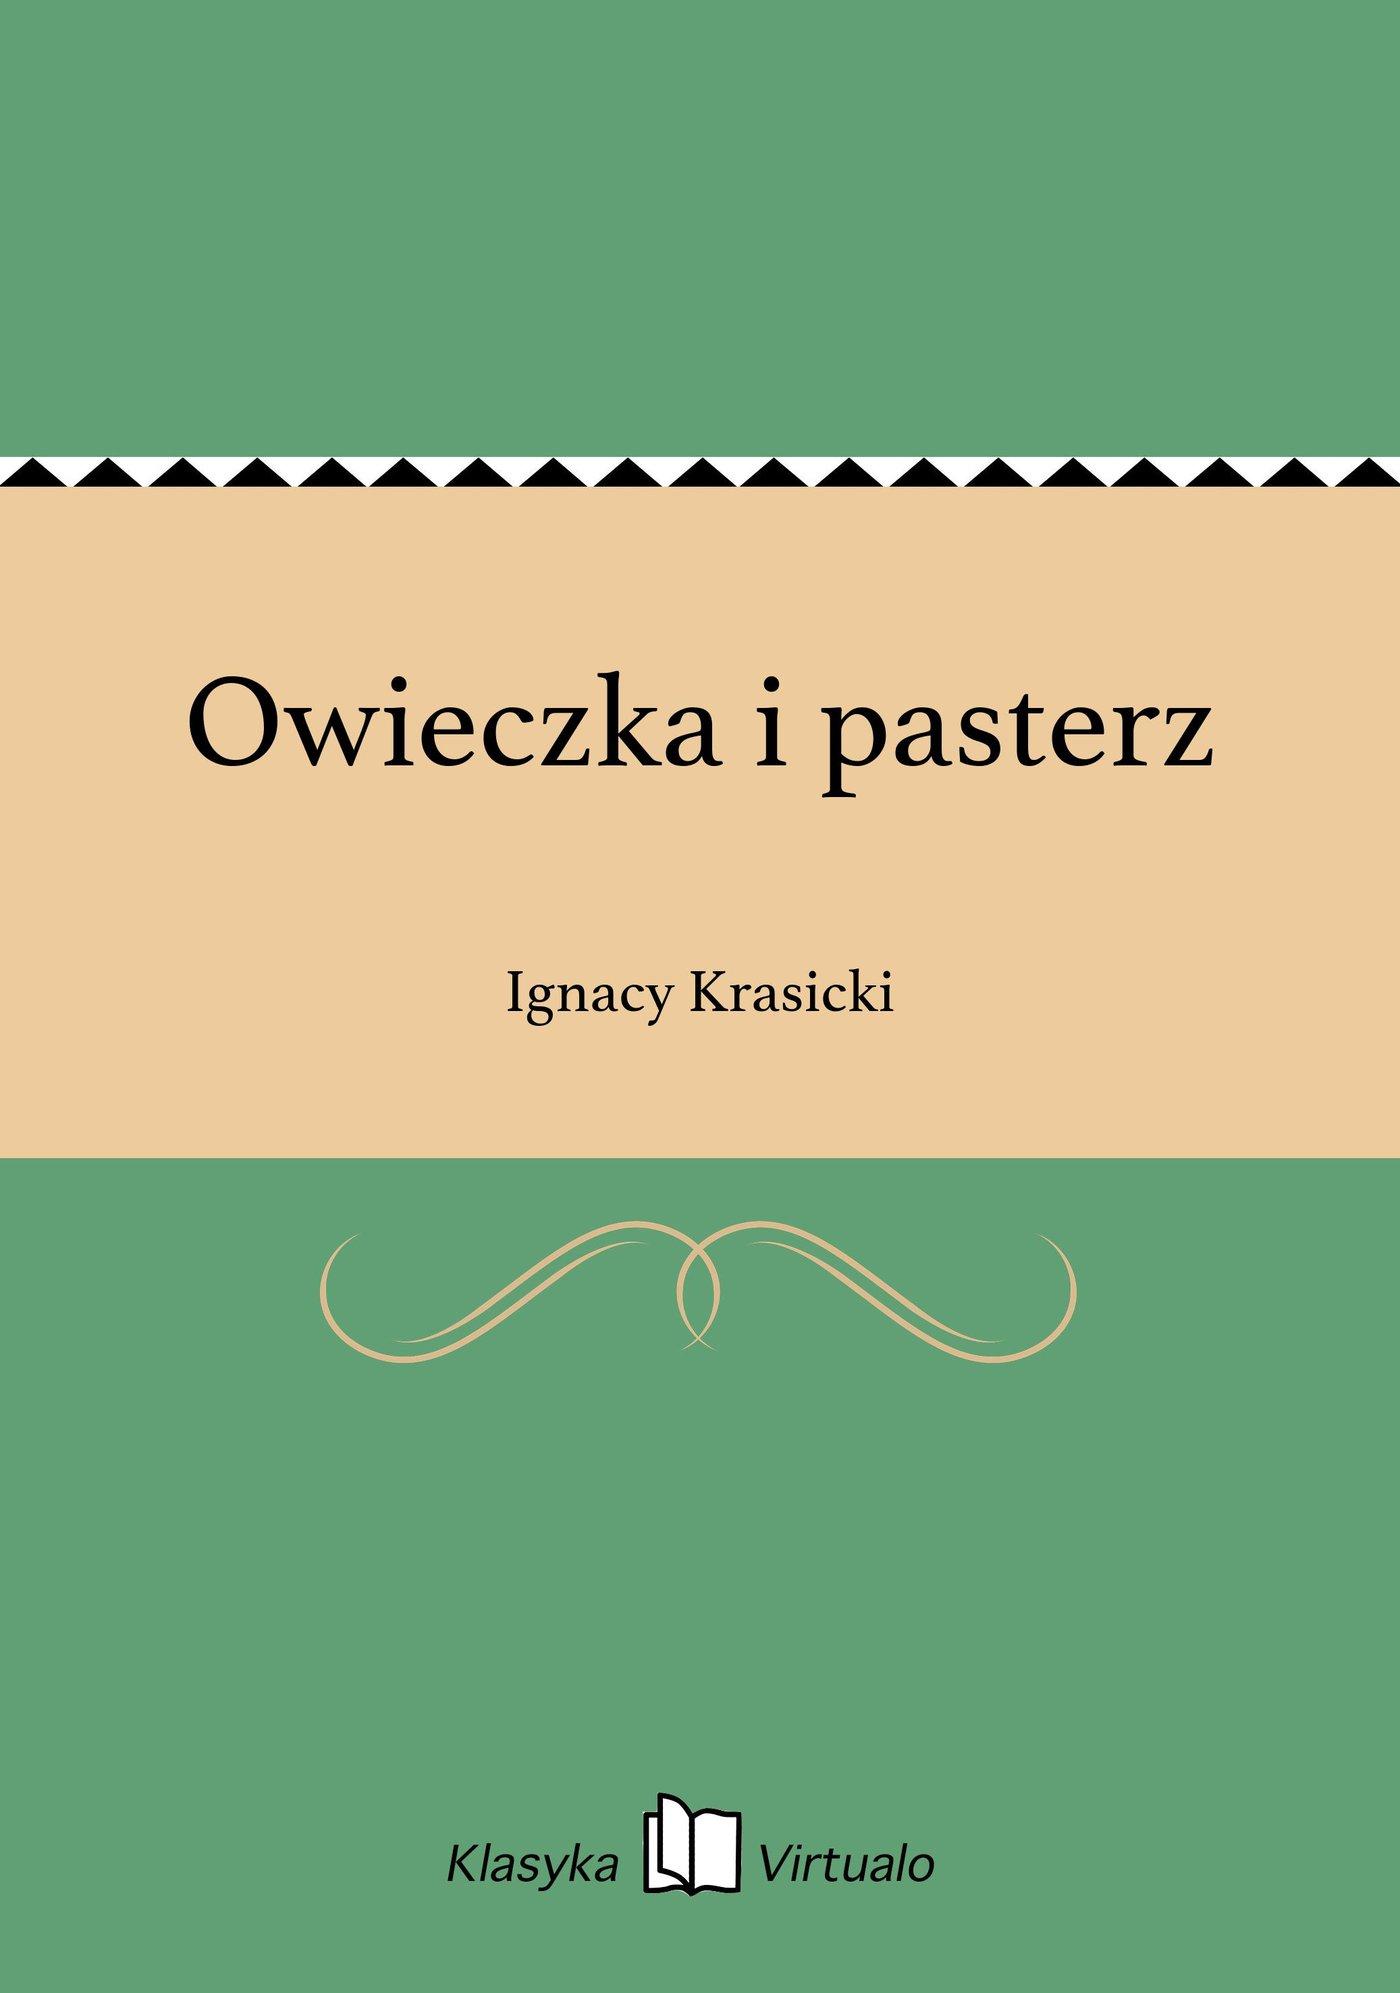 Owieczka i pasterz - Ebook (Książka EPUB) do pobrania w formacie EPUB